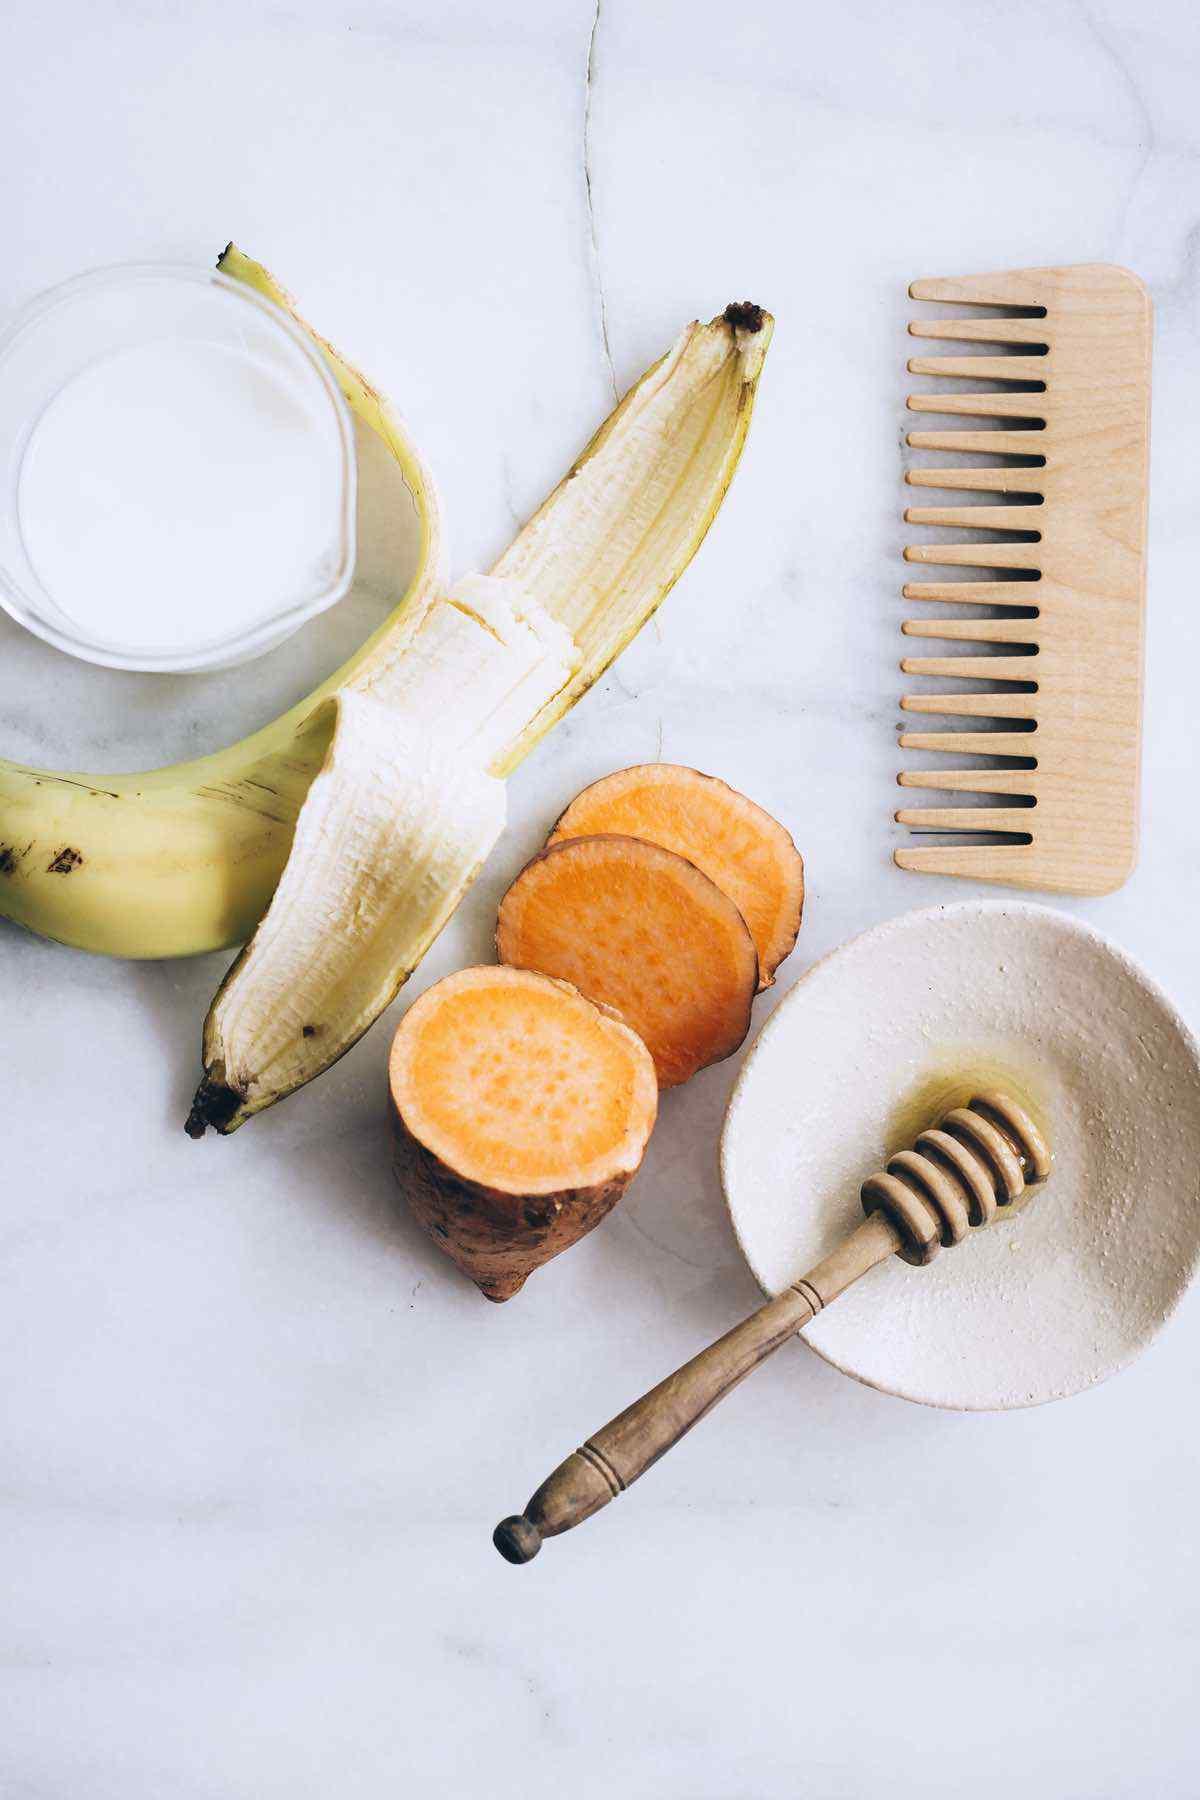 4-Ingredient Banana Hair Mask Recipe